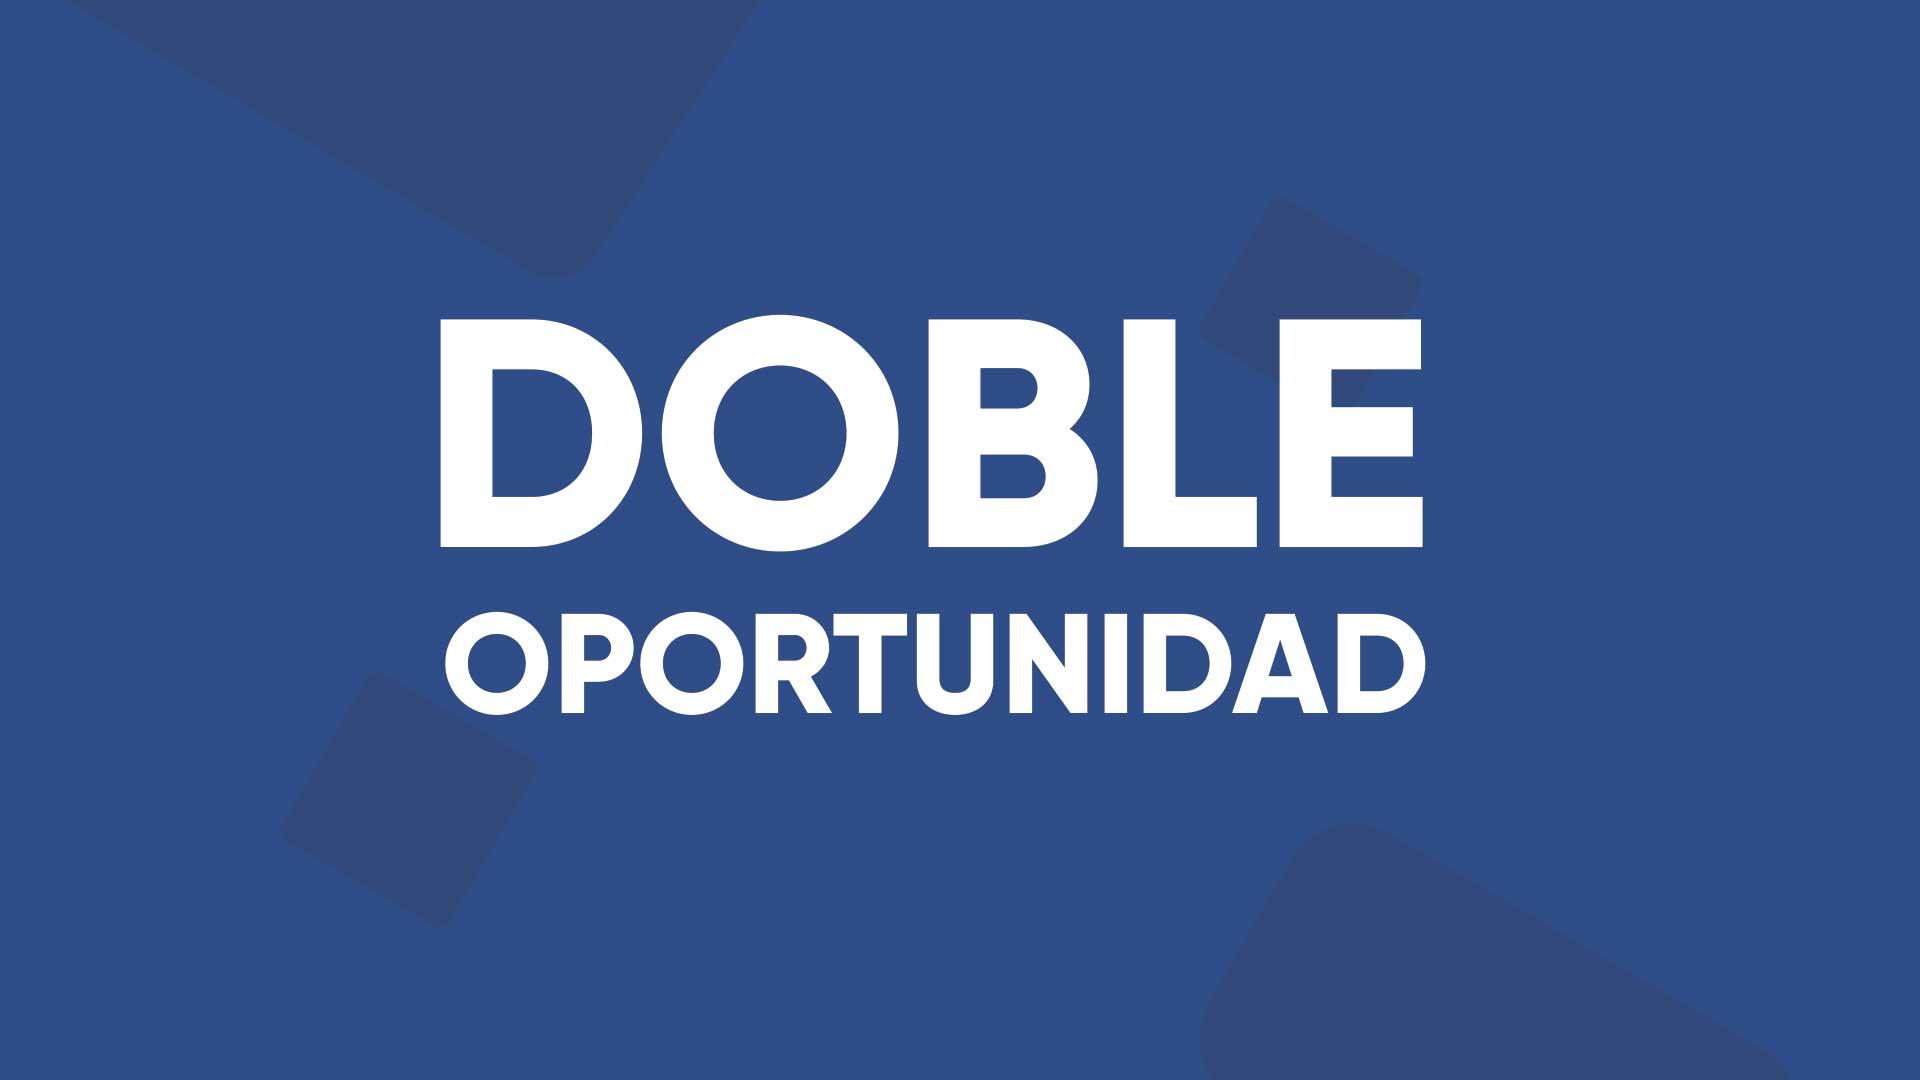 mercado doble oportunidad imagen destacada